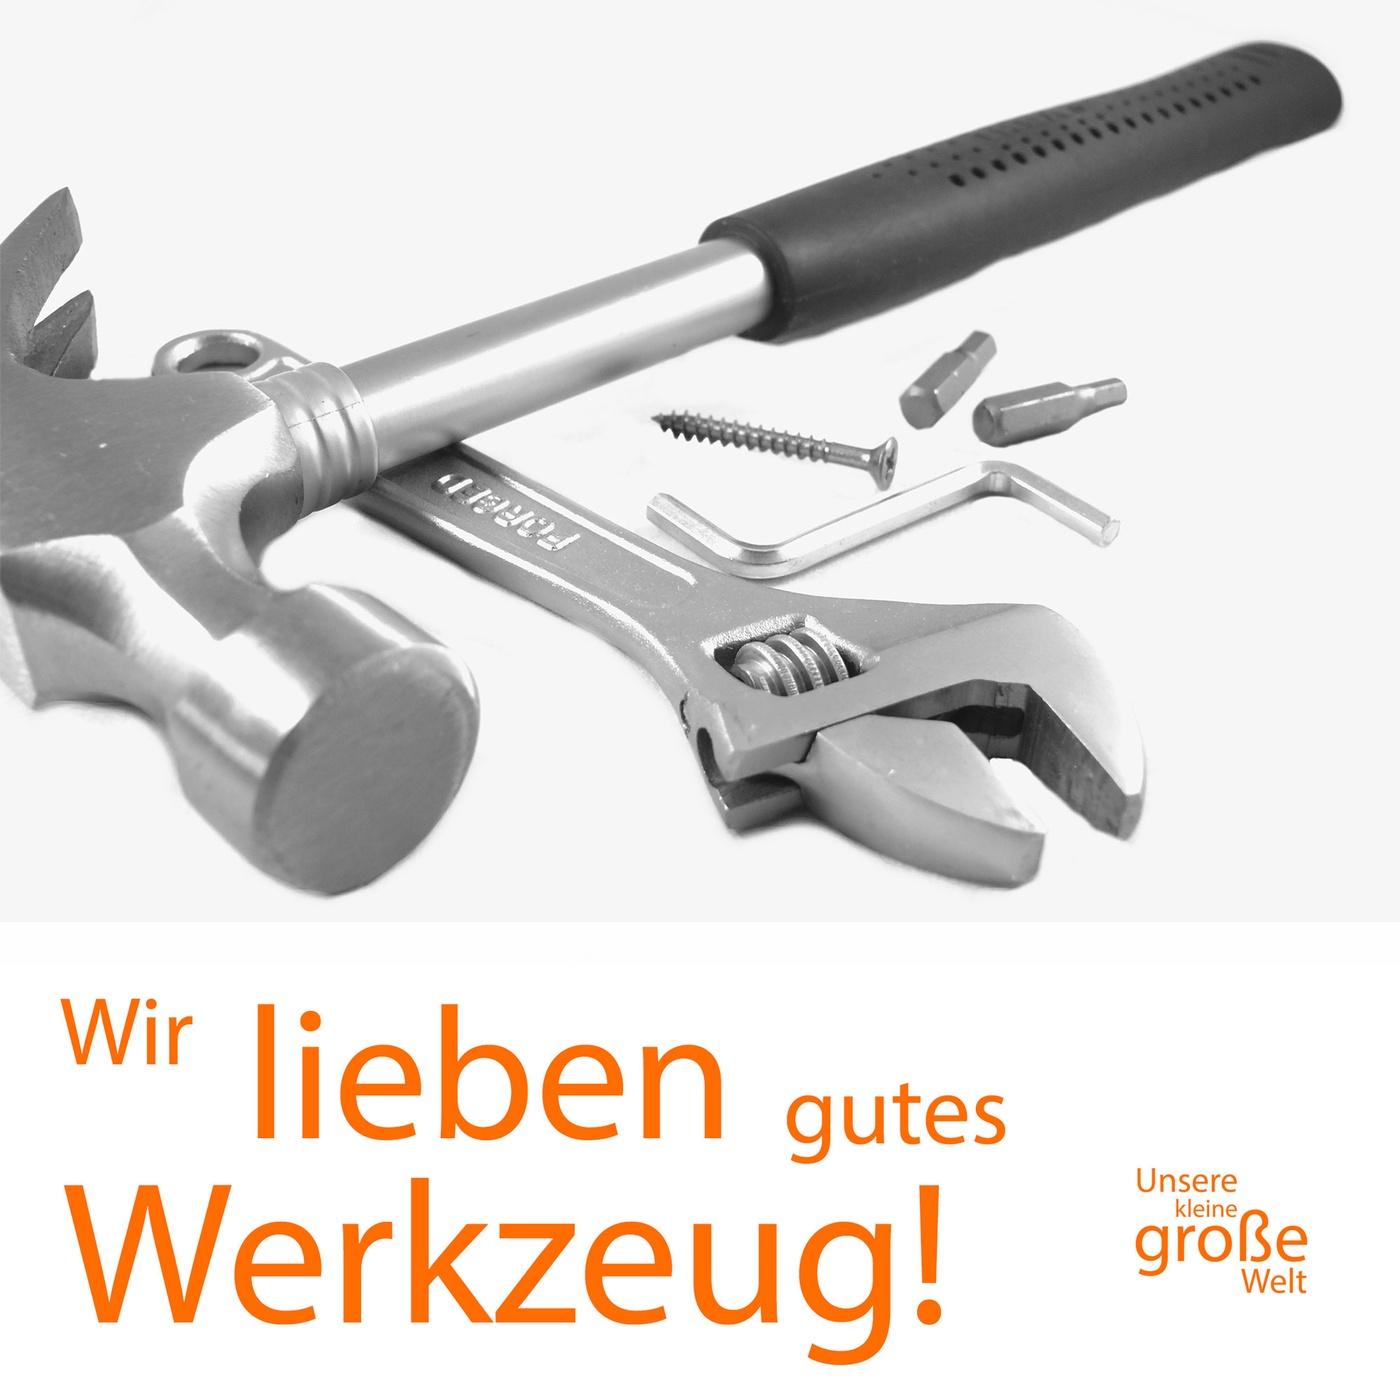 Wir lieben gutes Werkzeug!